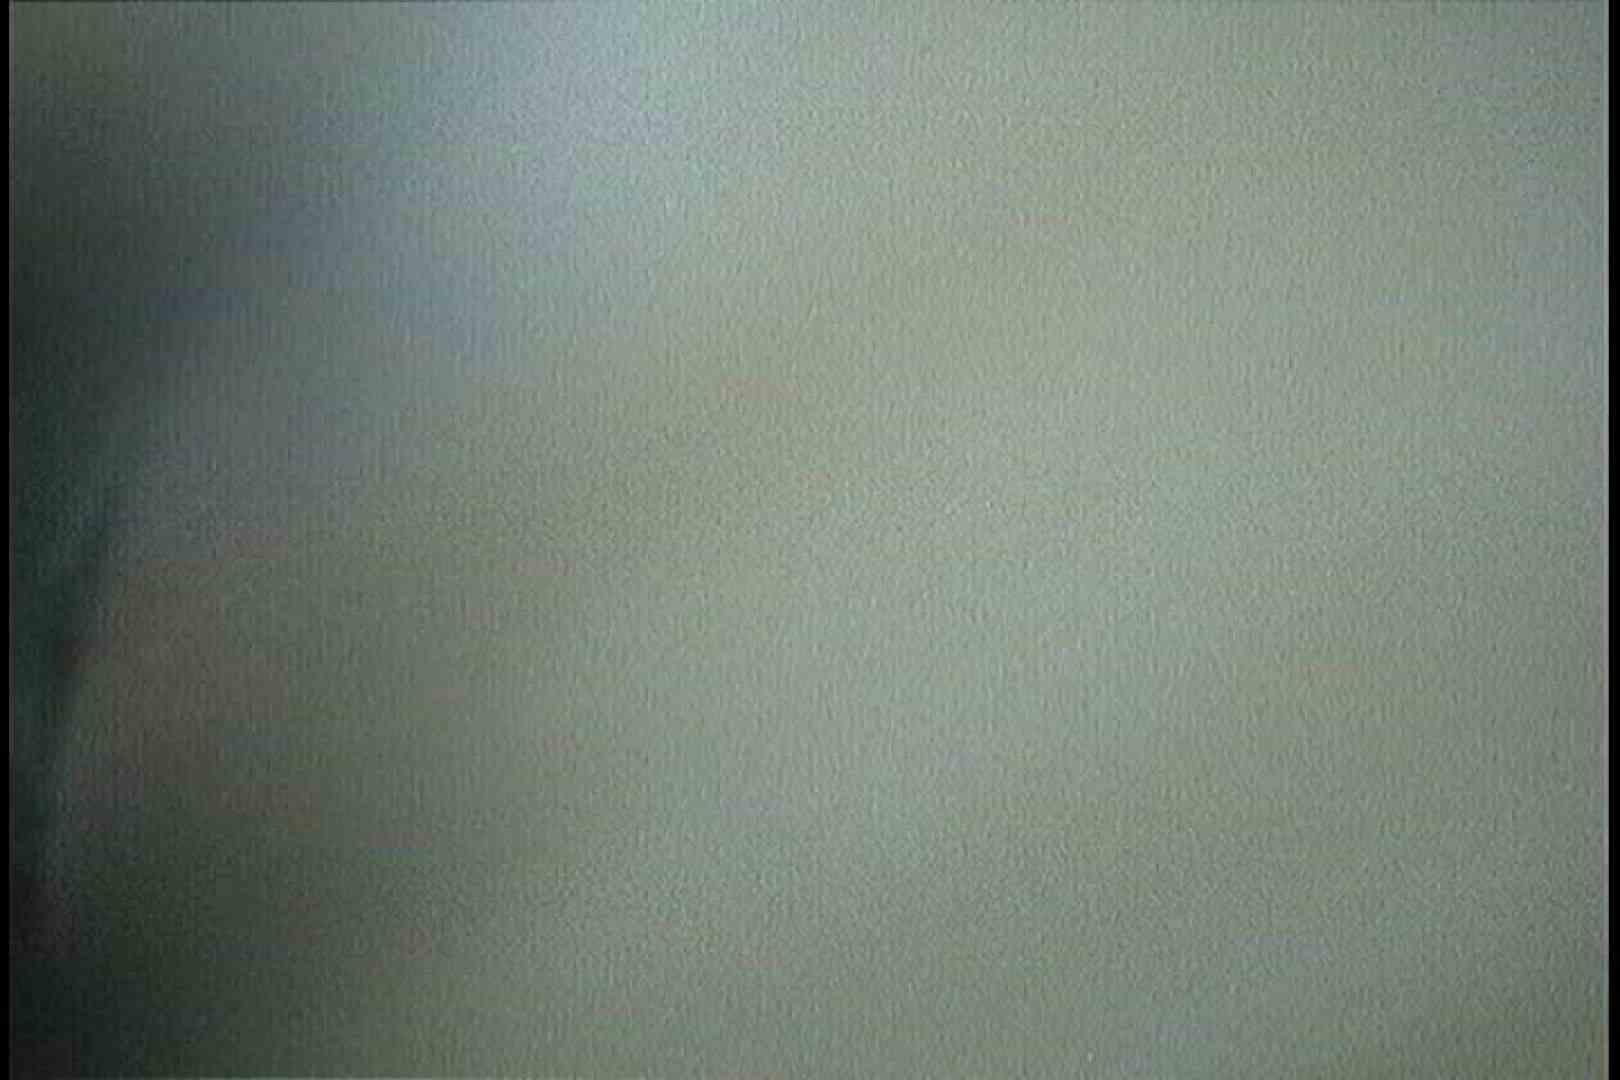 No.14 ボーリングの玉が二つぶら下がってます。 シャワー室 AV動画キャプチャ 58画像 10